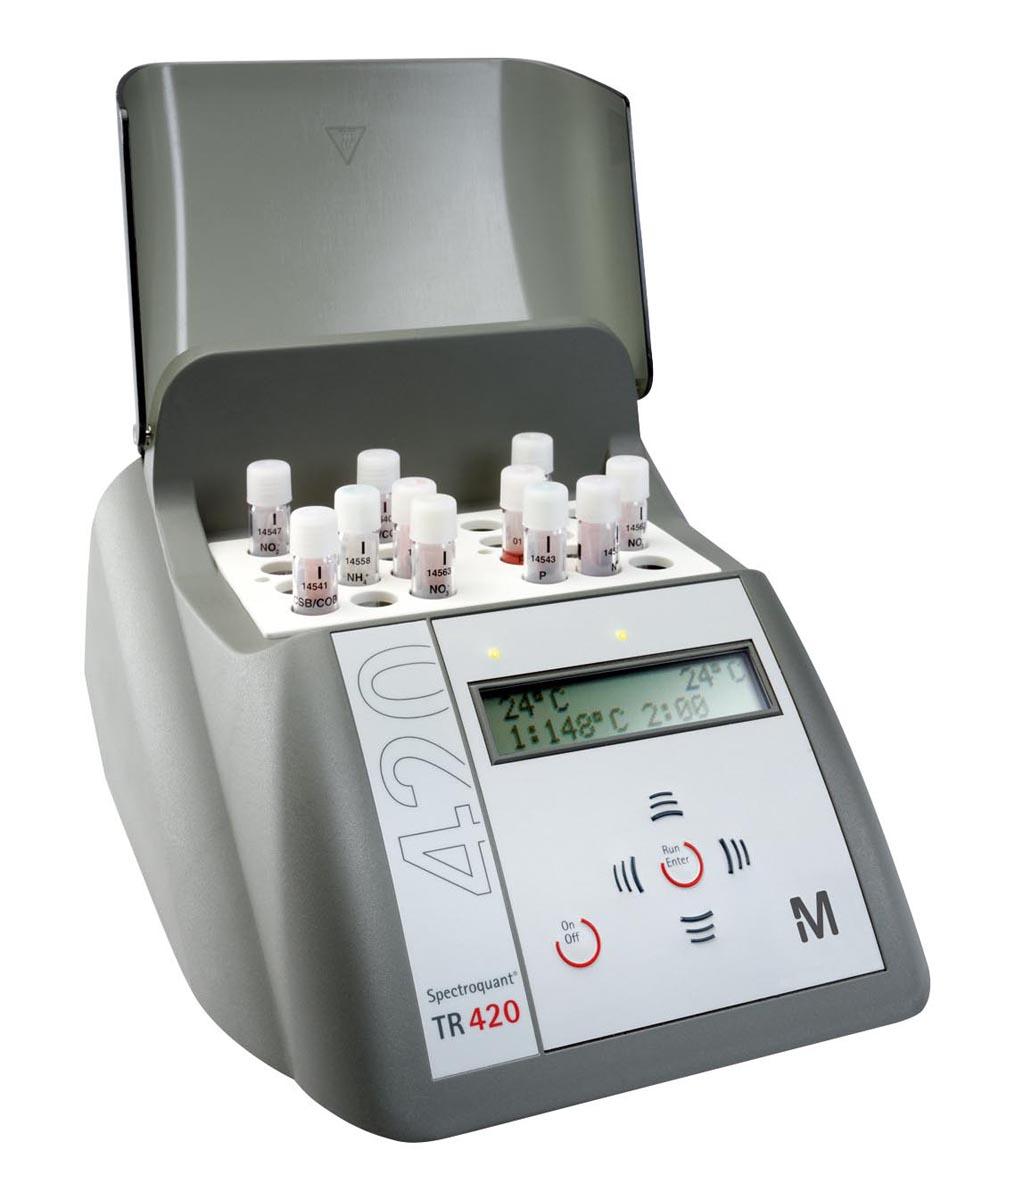 メルク サーモリアクタ TR420(24サンプル用)